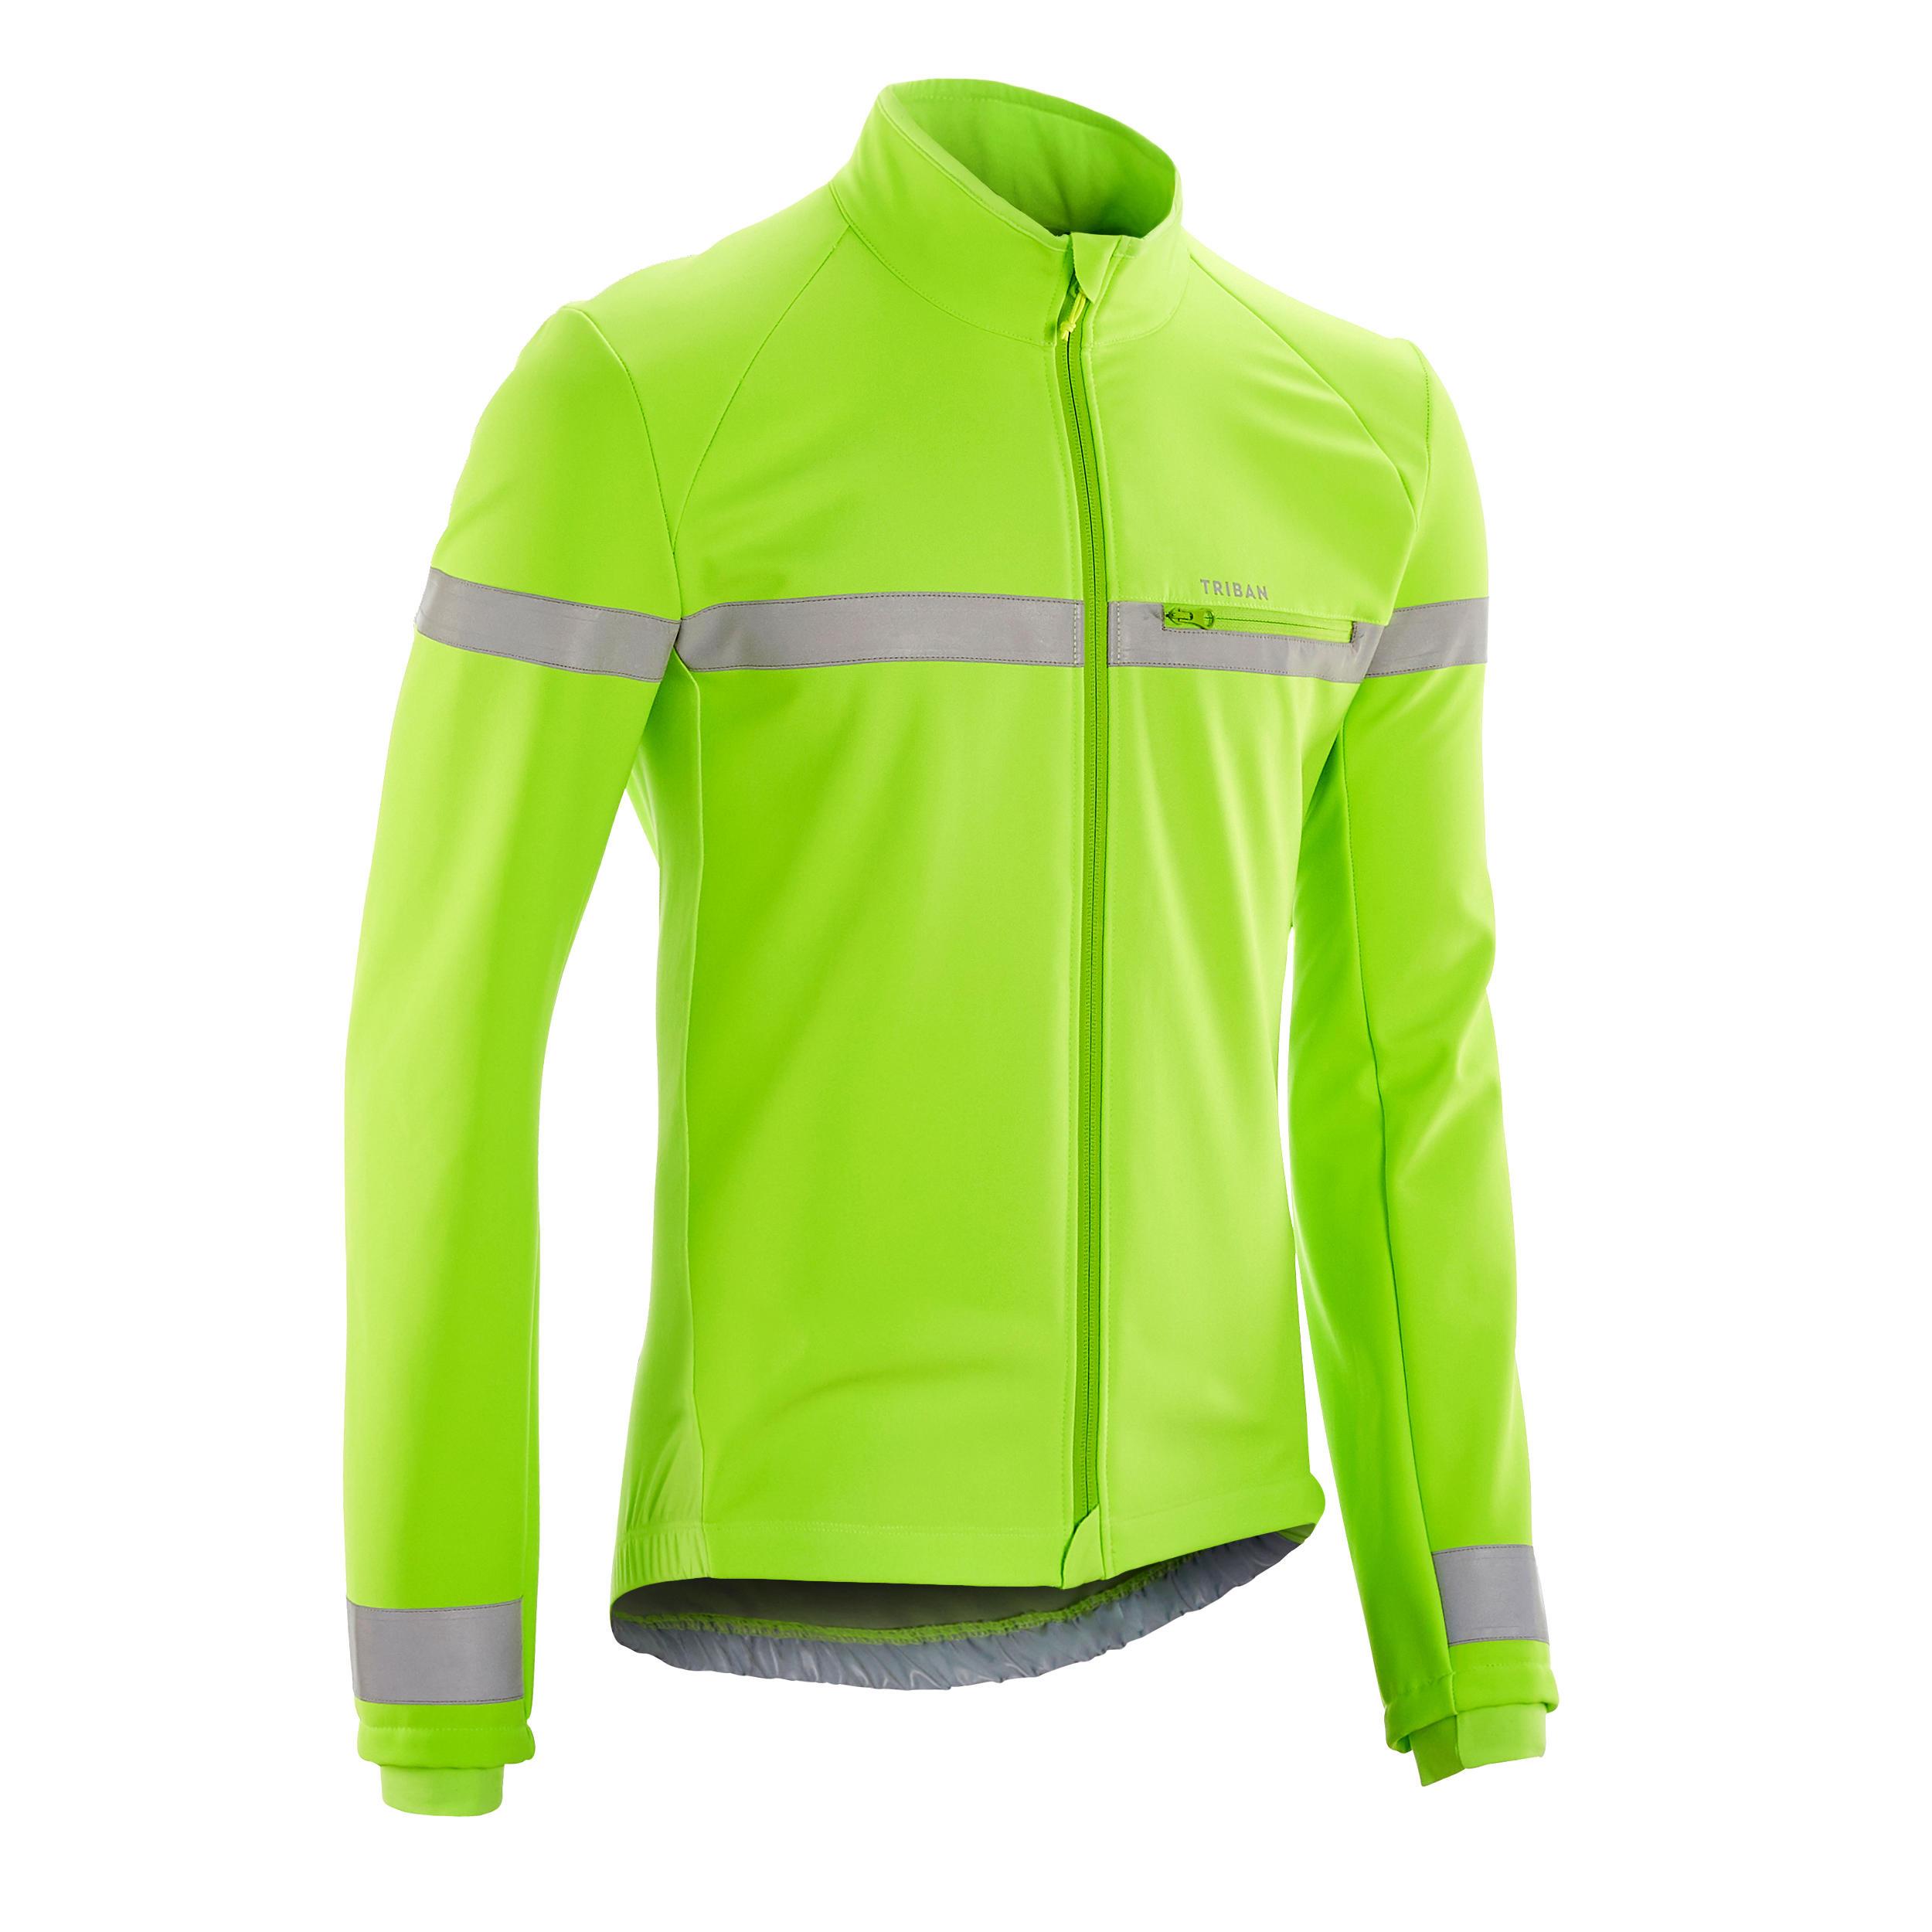 Fahrrad Winterjacke RC100 Herren EN1150 schwarz | Bekleidung > Jacken > Winterjacken | Triban